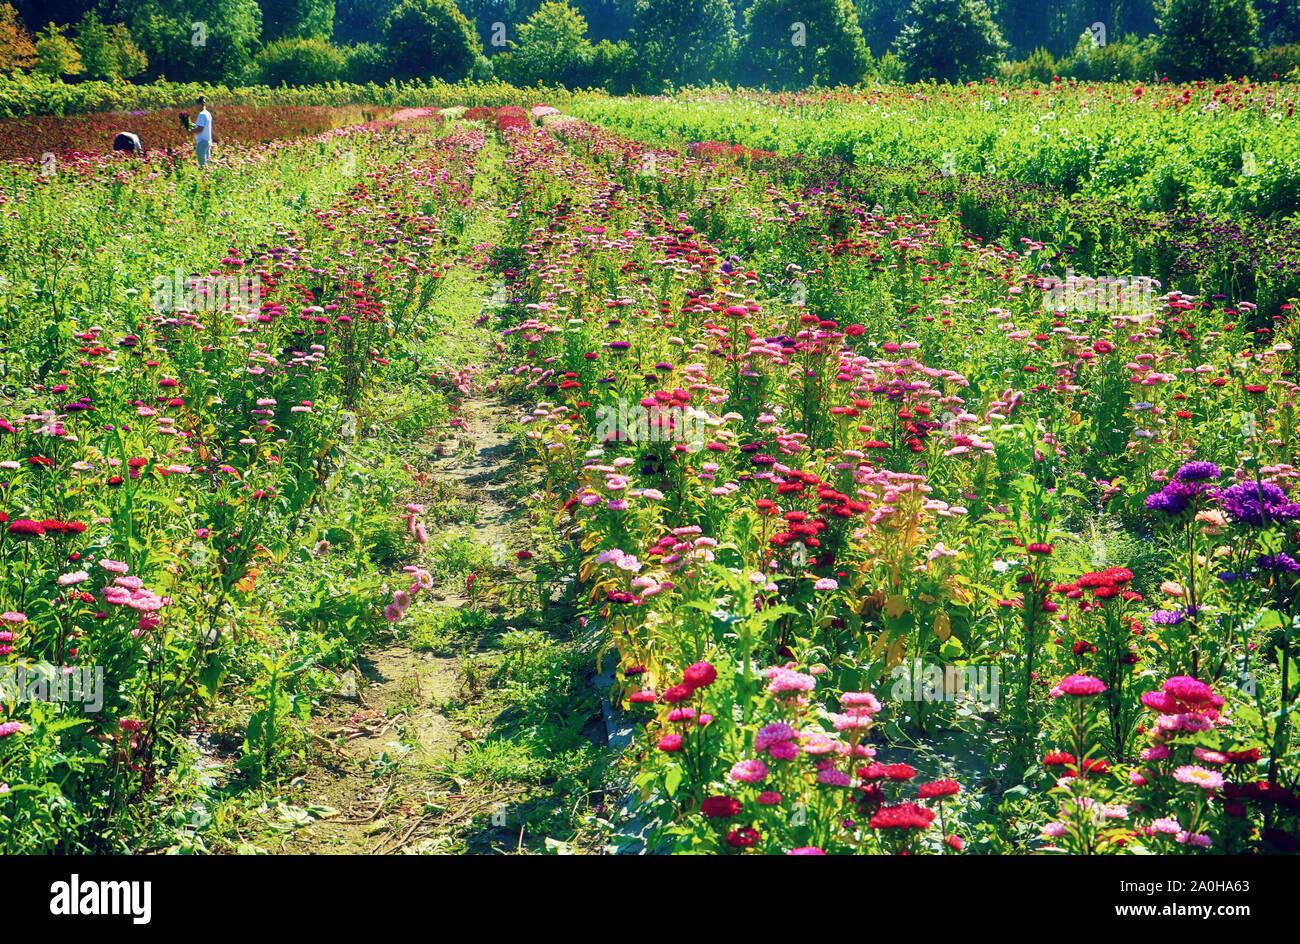 La culture des fleurs en Bavière: coupe des jardiniers fleurs aster colorés en été pour le marché floral Banque D'Images